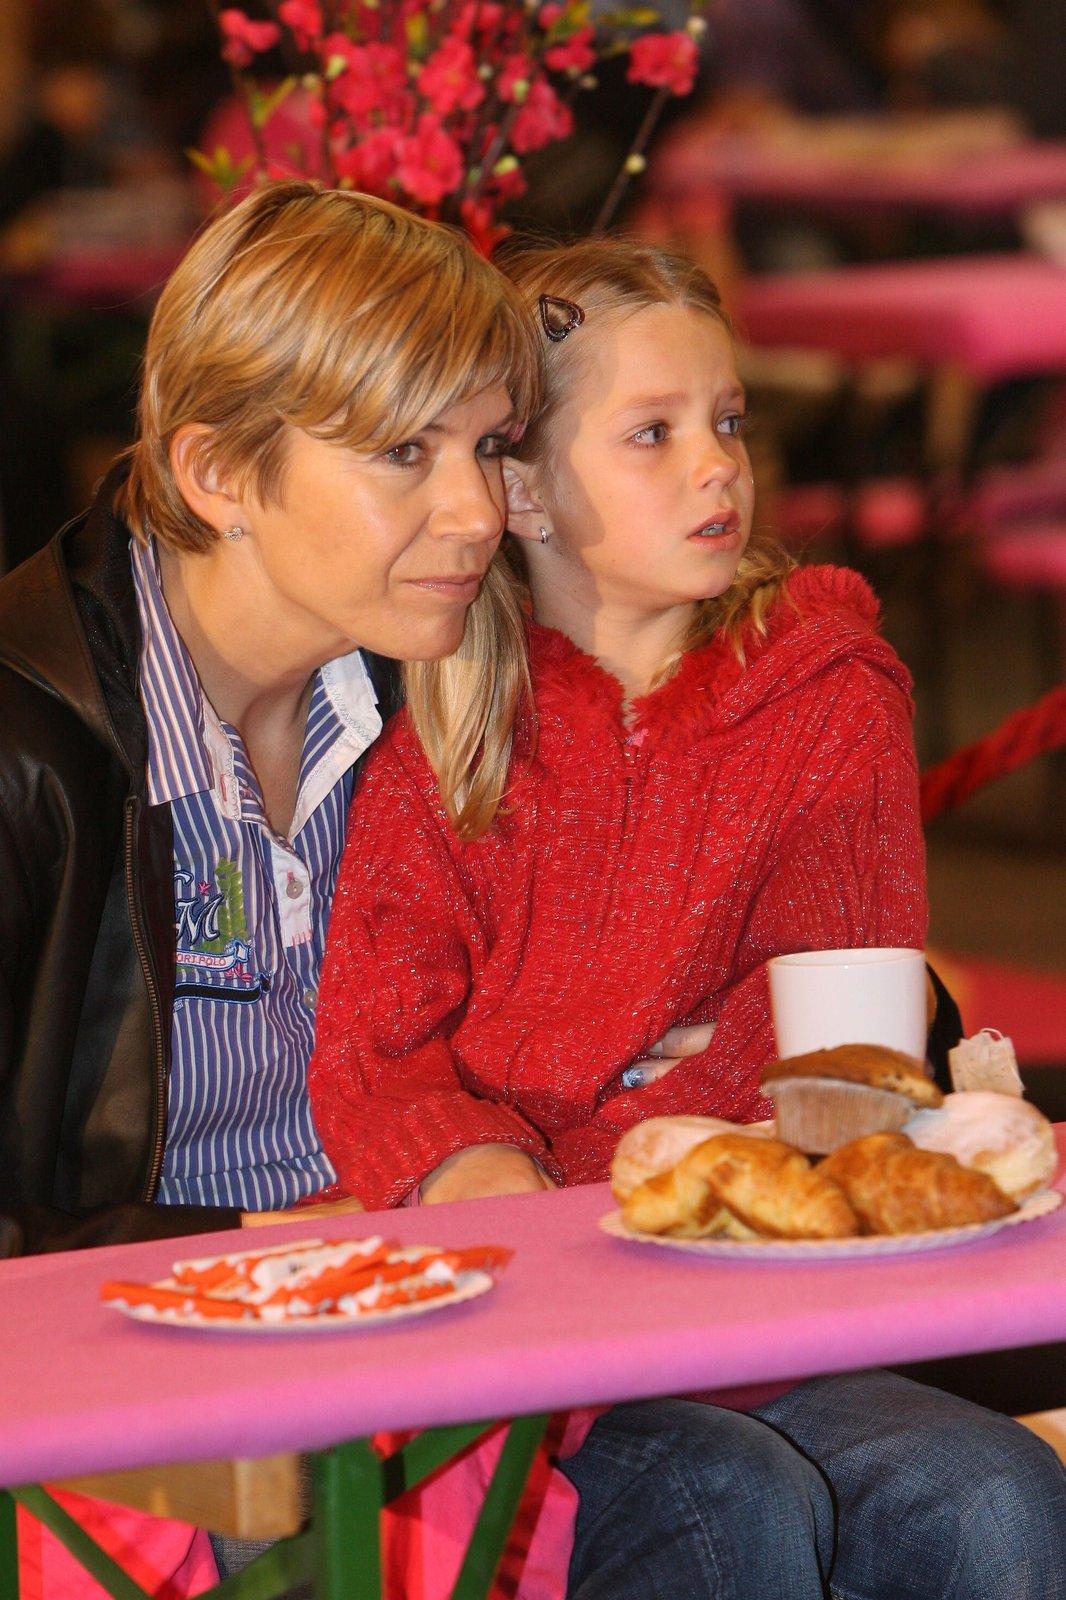 """Kateřina Neumannová s dcerou Lucií, která byla včera u zubaře. """"Nebojí se, nemá zatím žádné špatné zkušenosti,"""" prozradila máma."""